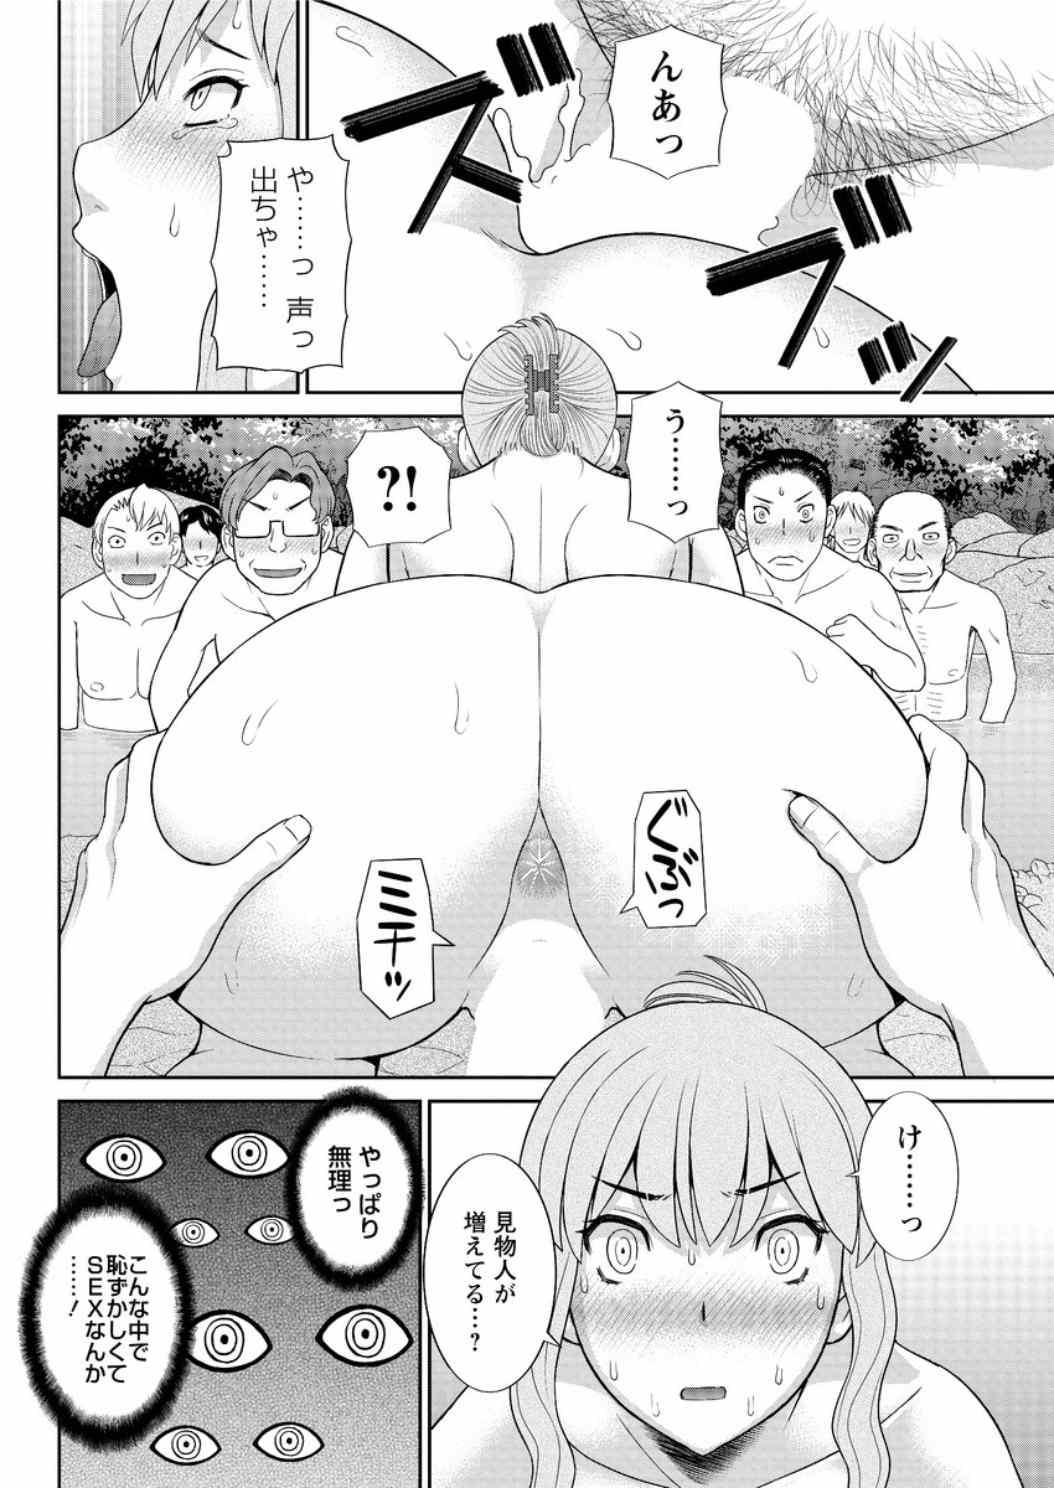 【長編エロ漫画・第14話】浮気相手のために彼女と露出SEXを練習!露出の穴場スポット!混浴露天温泉にやってきてSEXを見てと頼ませる!エロ顔にザーメンぶっかけられ精子まみれ!【かわもりみさき】